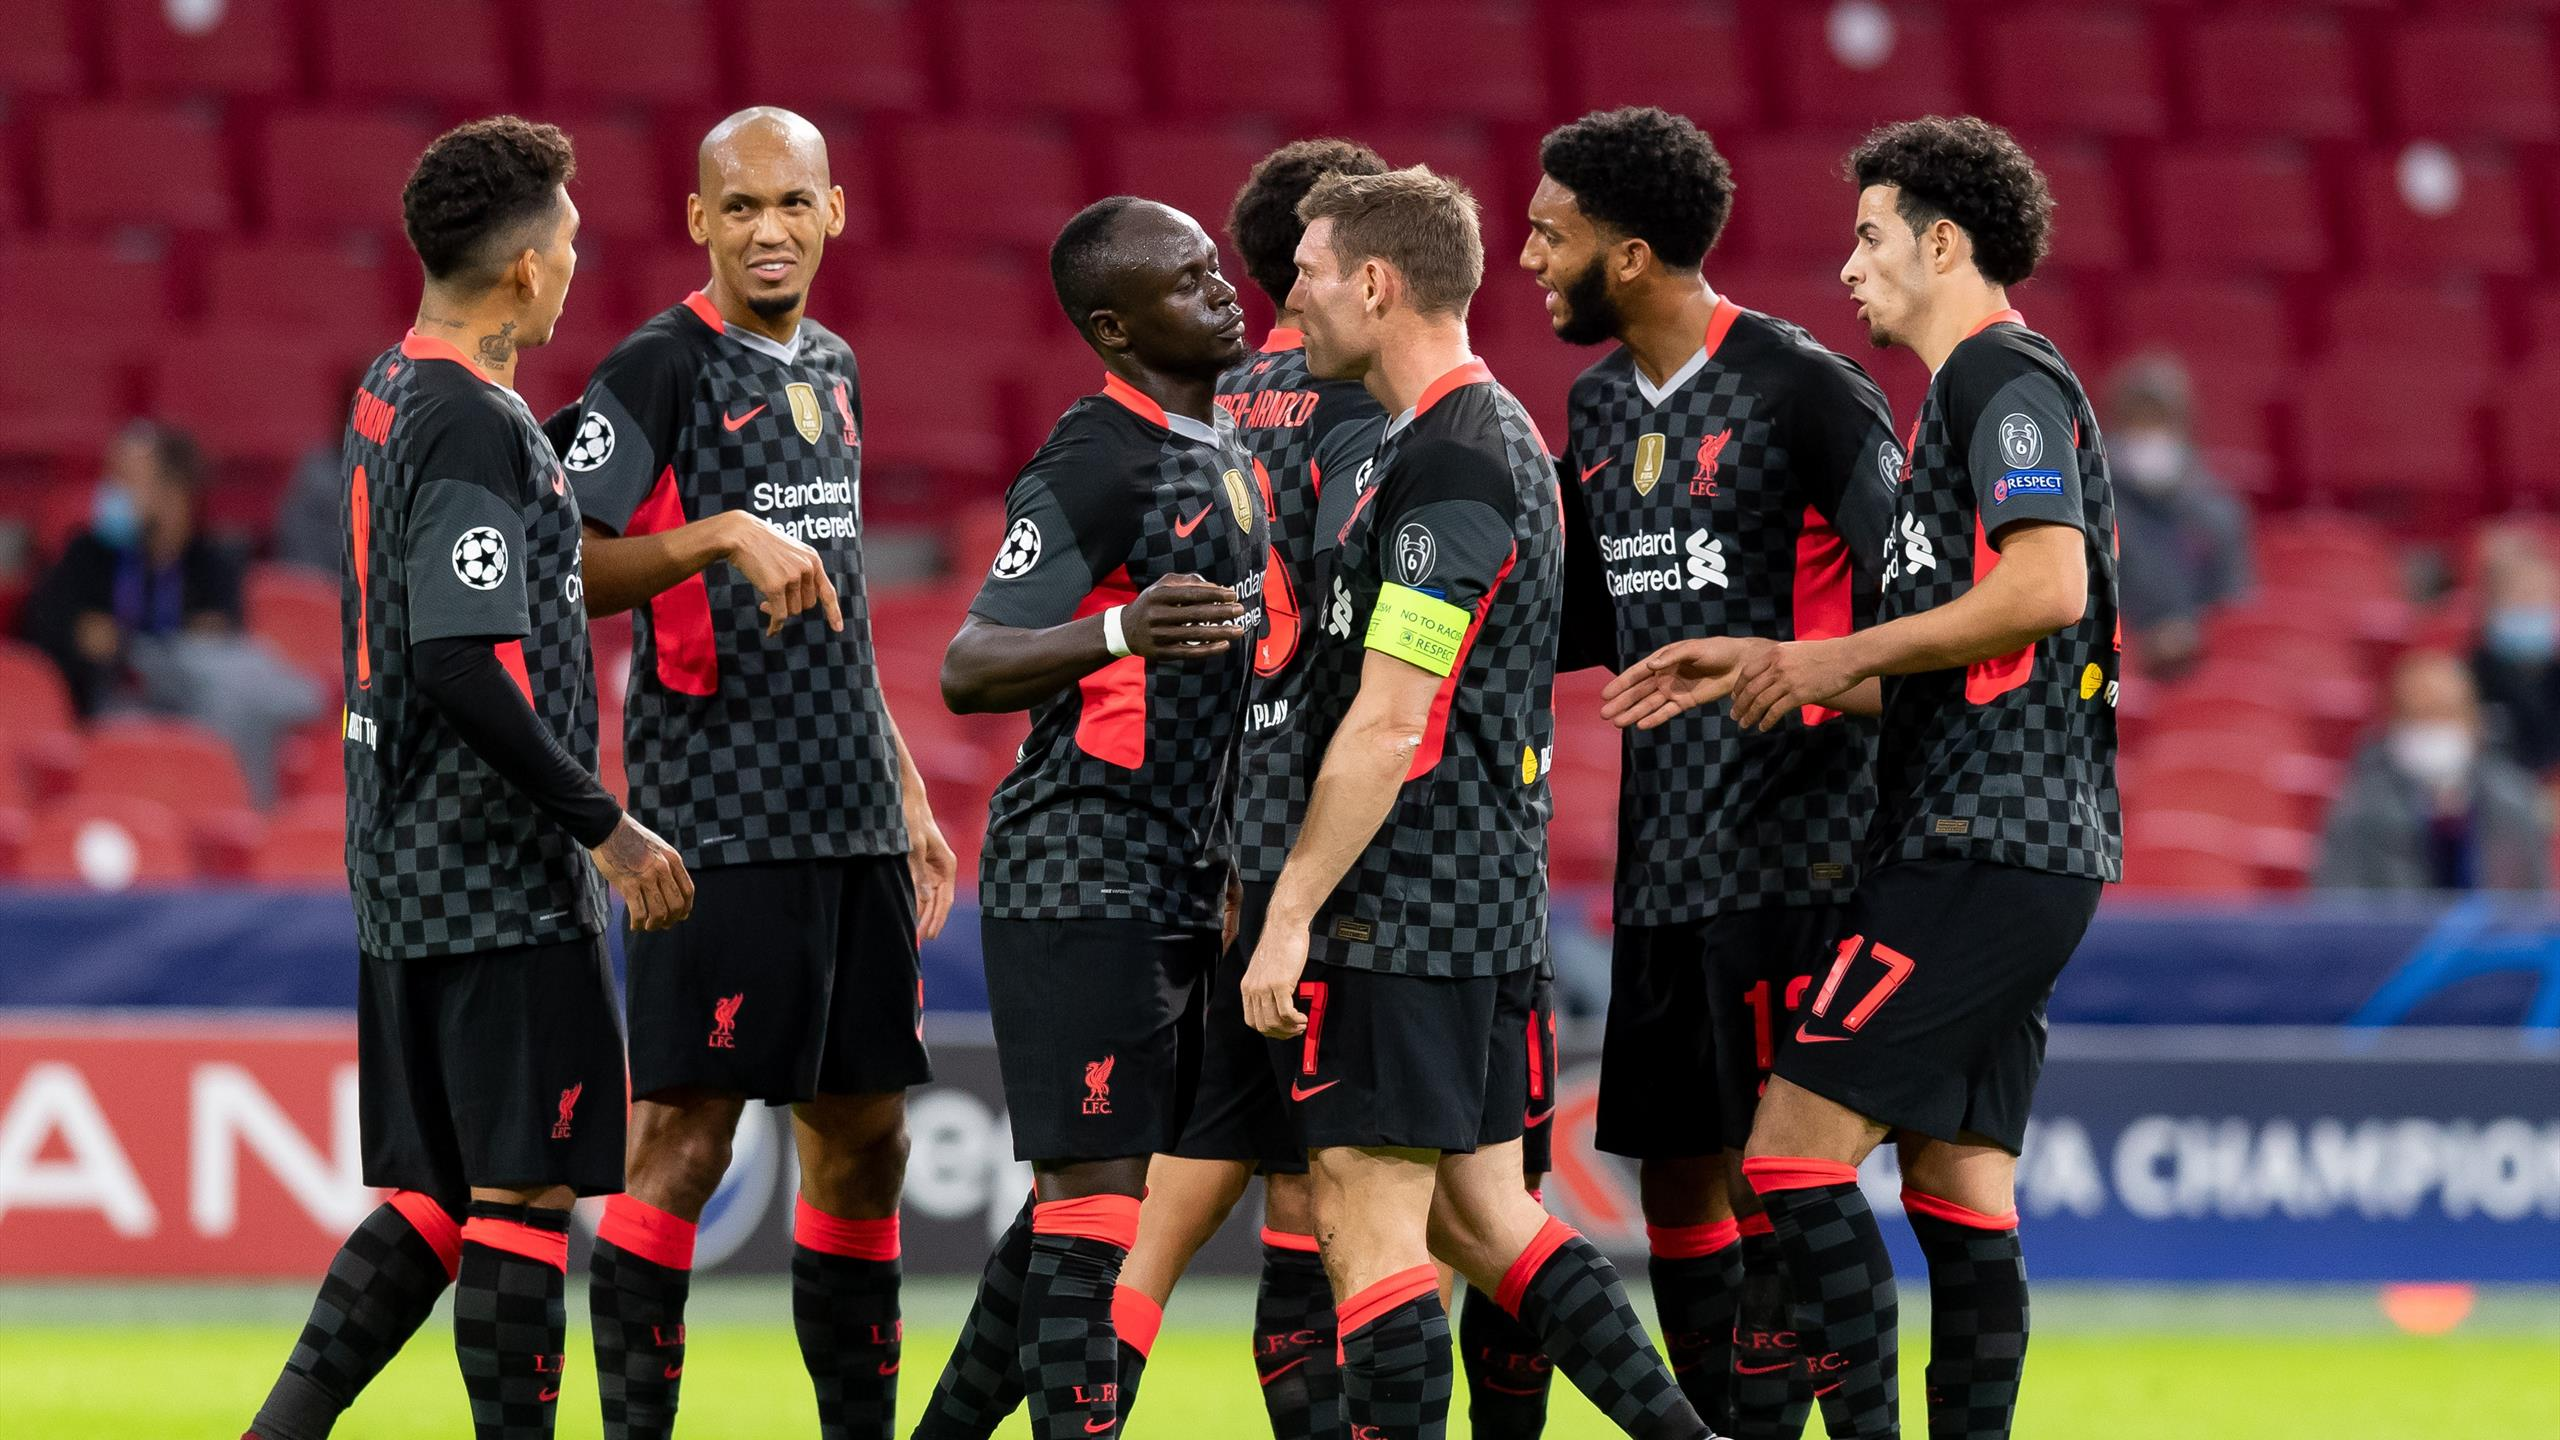 Ligue des champions - Liverpool s'impose sur le terrain de l'Ajax (0-1) - Eurosport